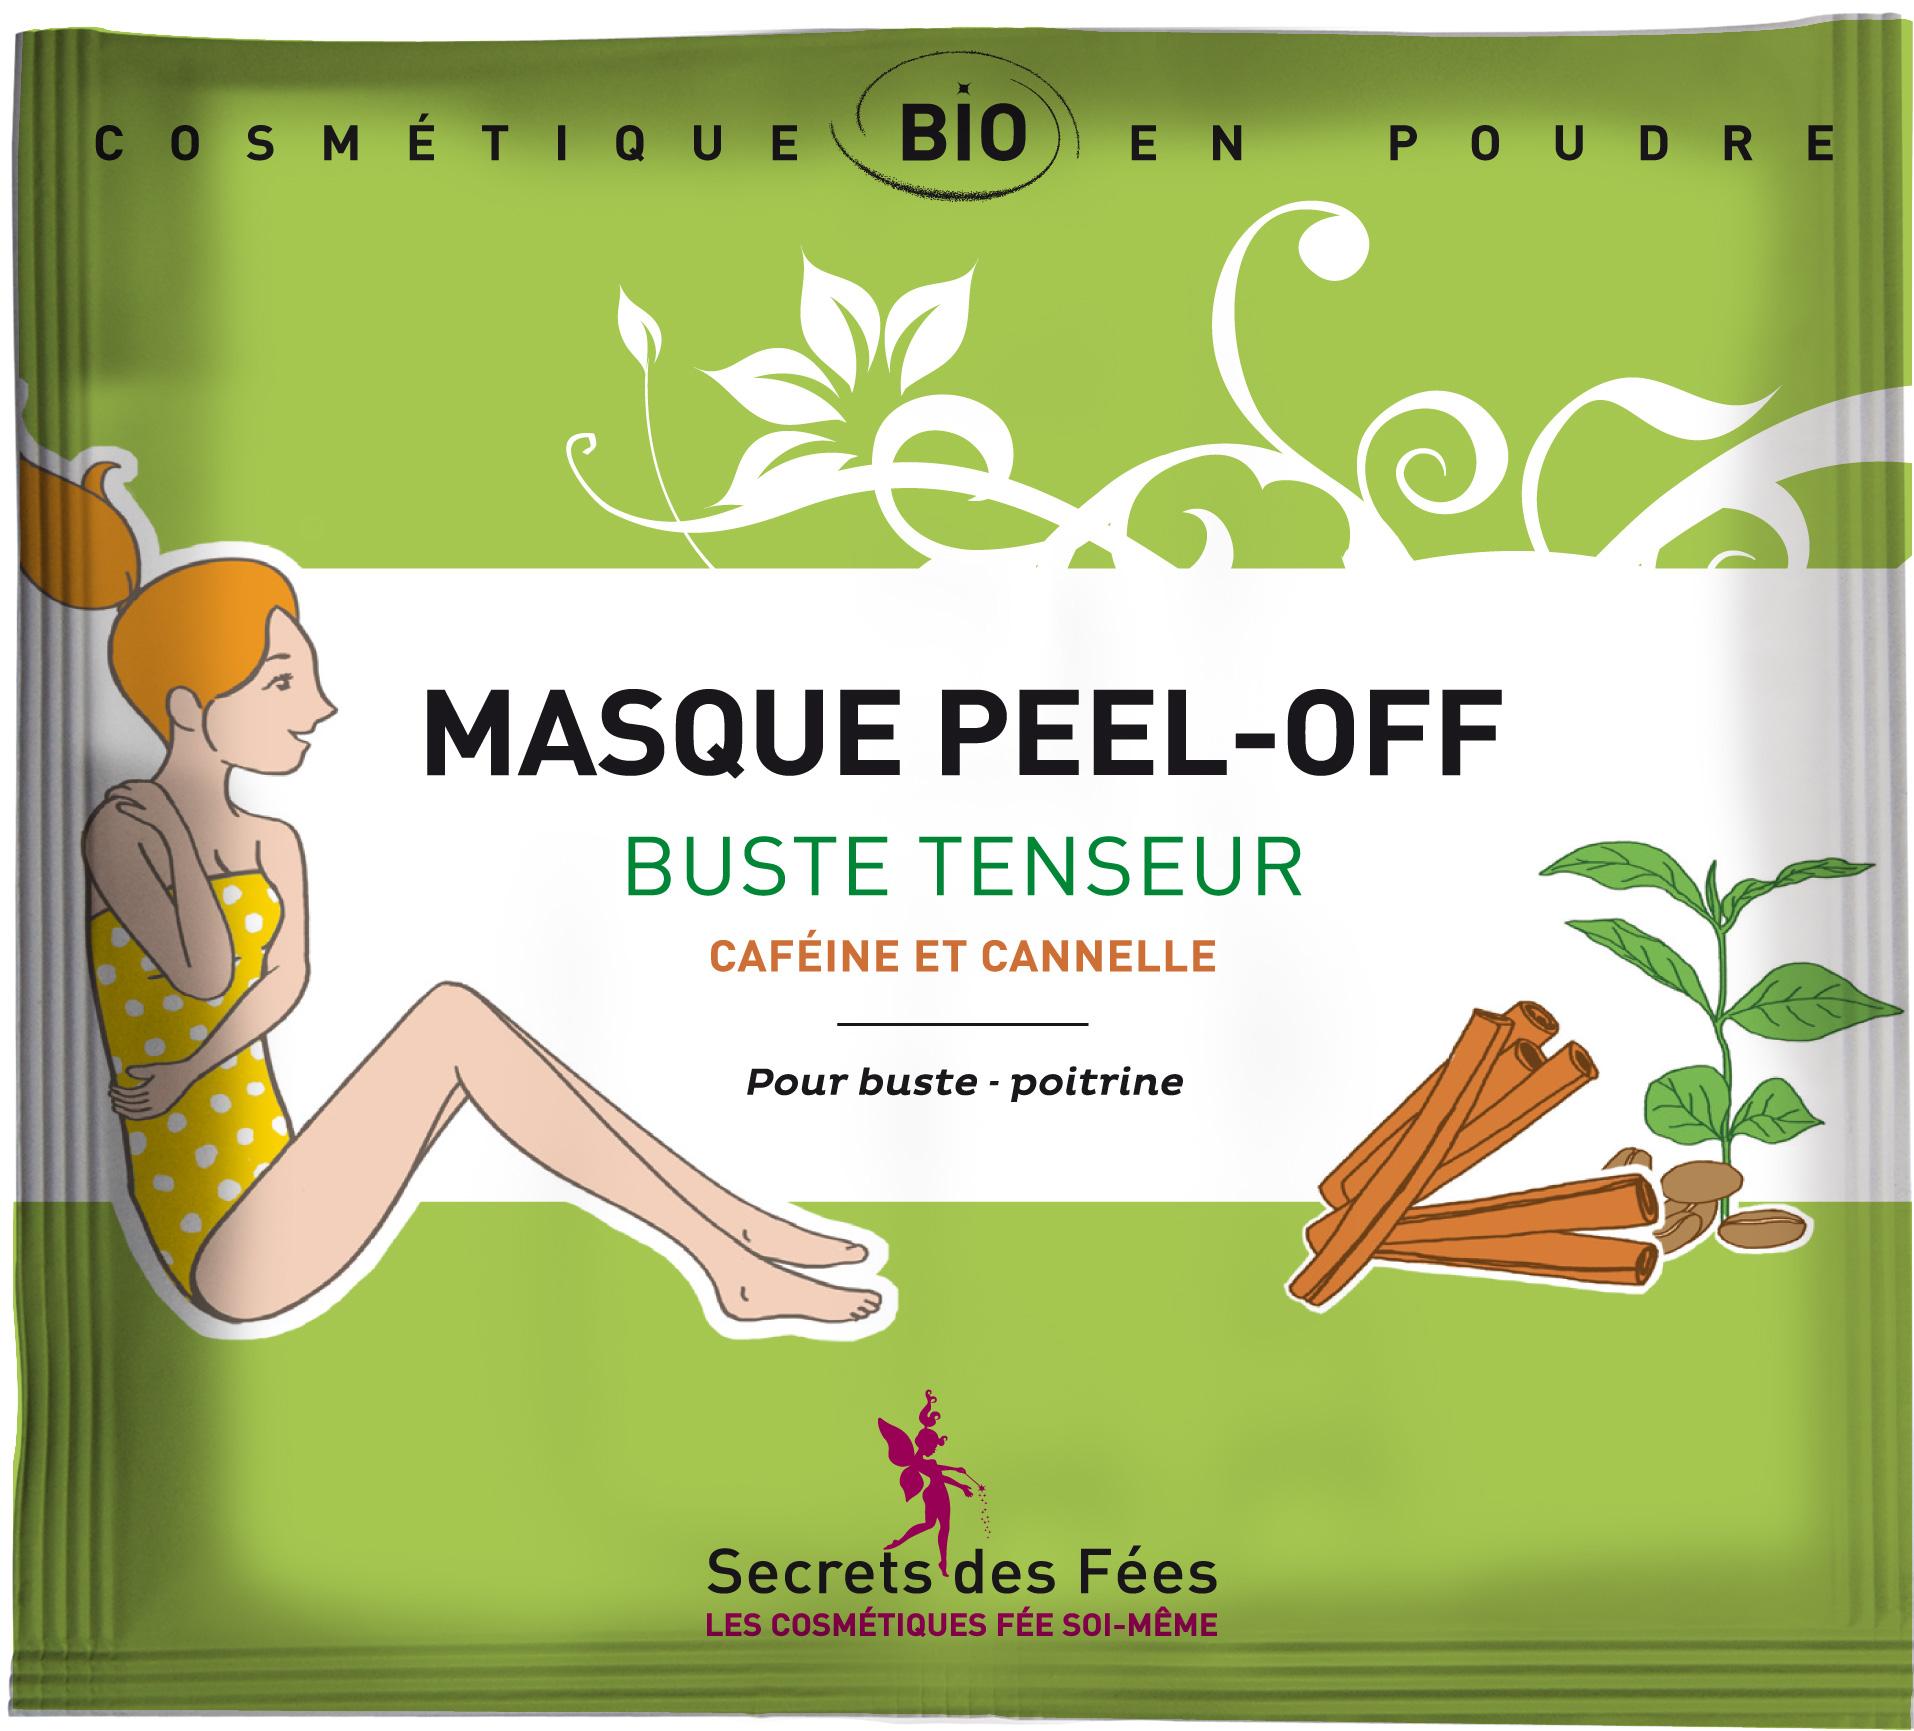 masque-peel-off-buste-tenseur-Secrets des Fées